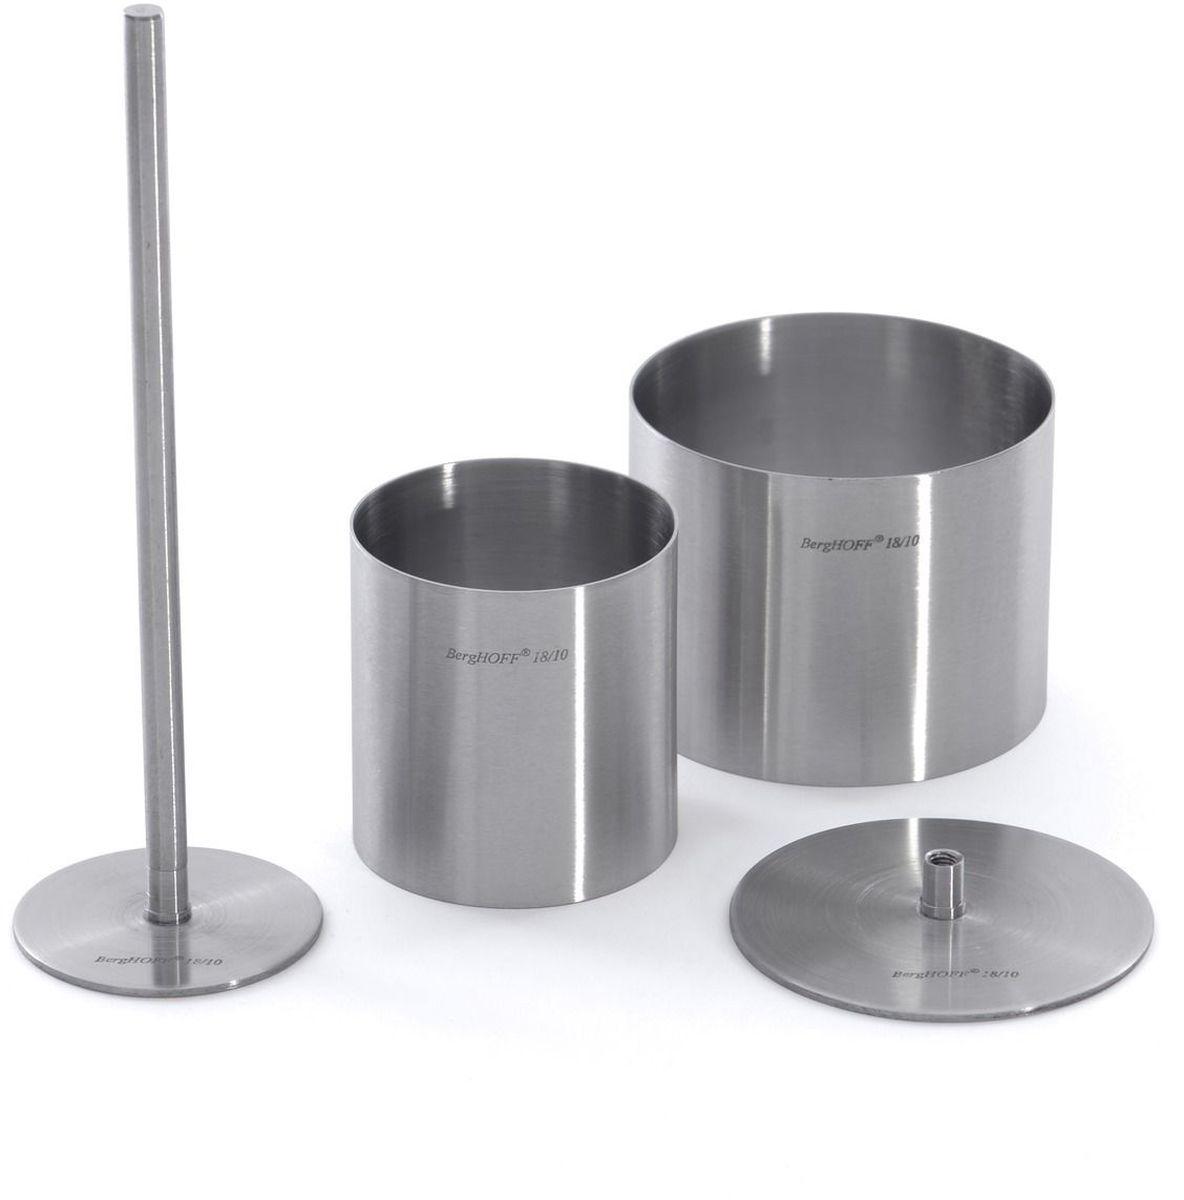 Набор формовочных колец для укладки пищи BergHOFF, 15 предметов1109107